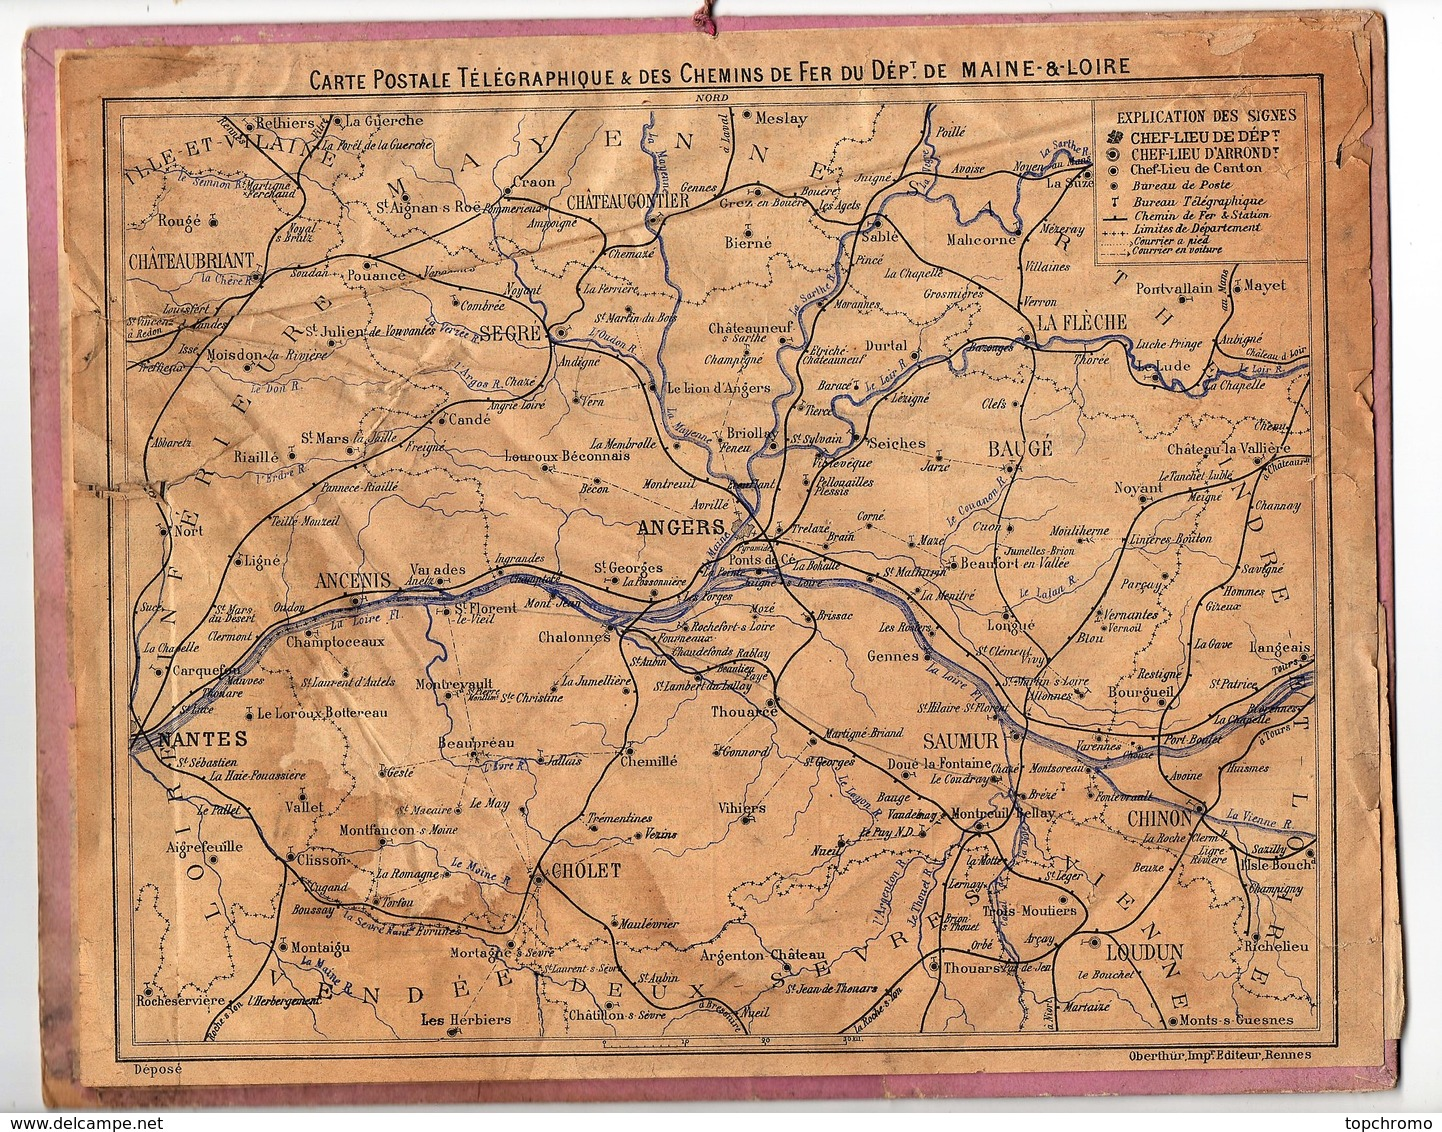 Calendrier Almanach Des Postes Et Télégraphes 1891 Oberthur Les Bulles De Savon Maine Et Loire - Calendari